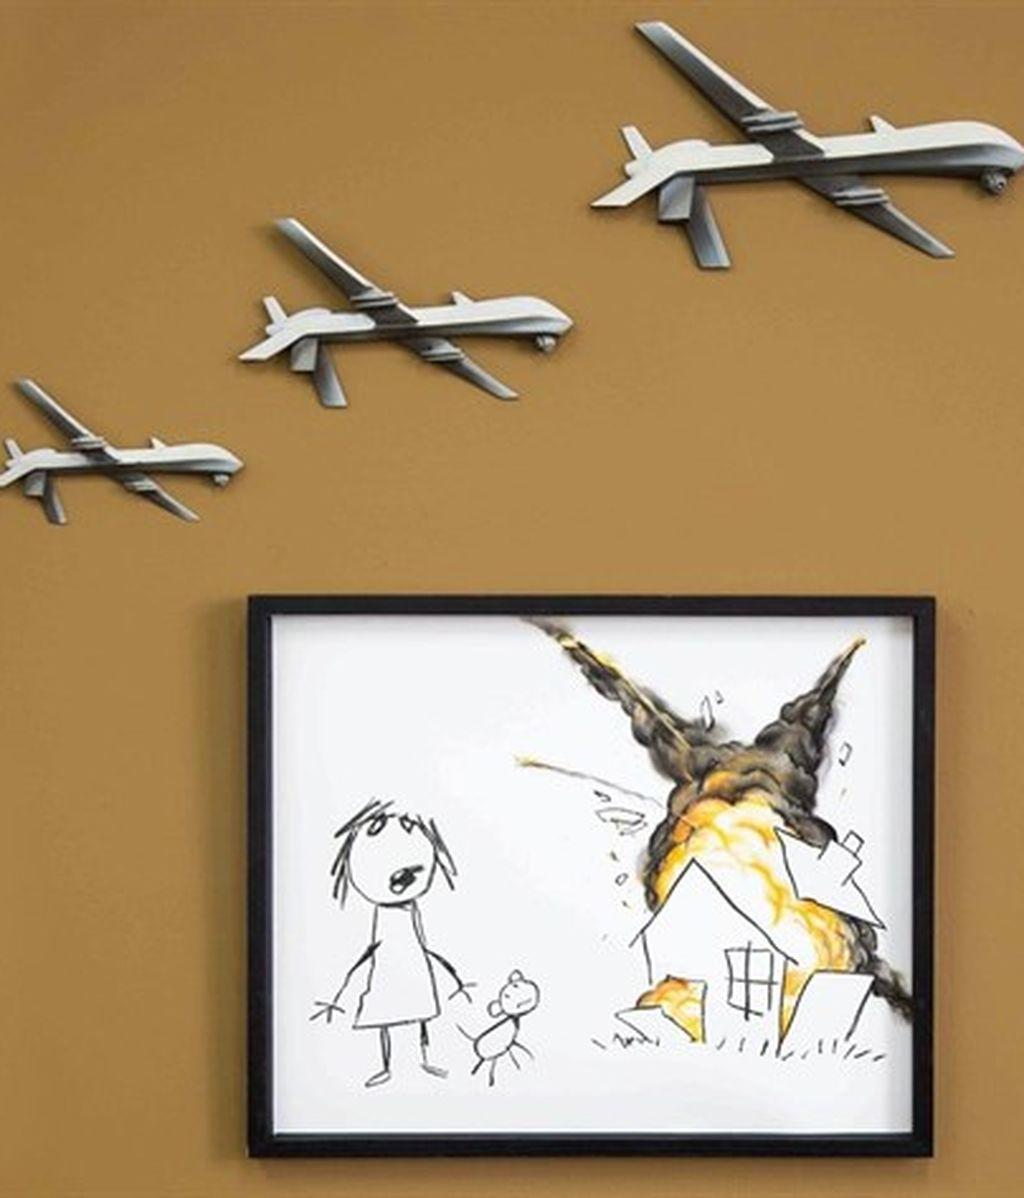 Lo último de Banksy: drones destruyendo el dibujo de una niña